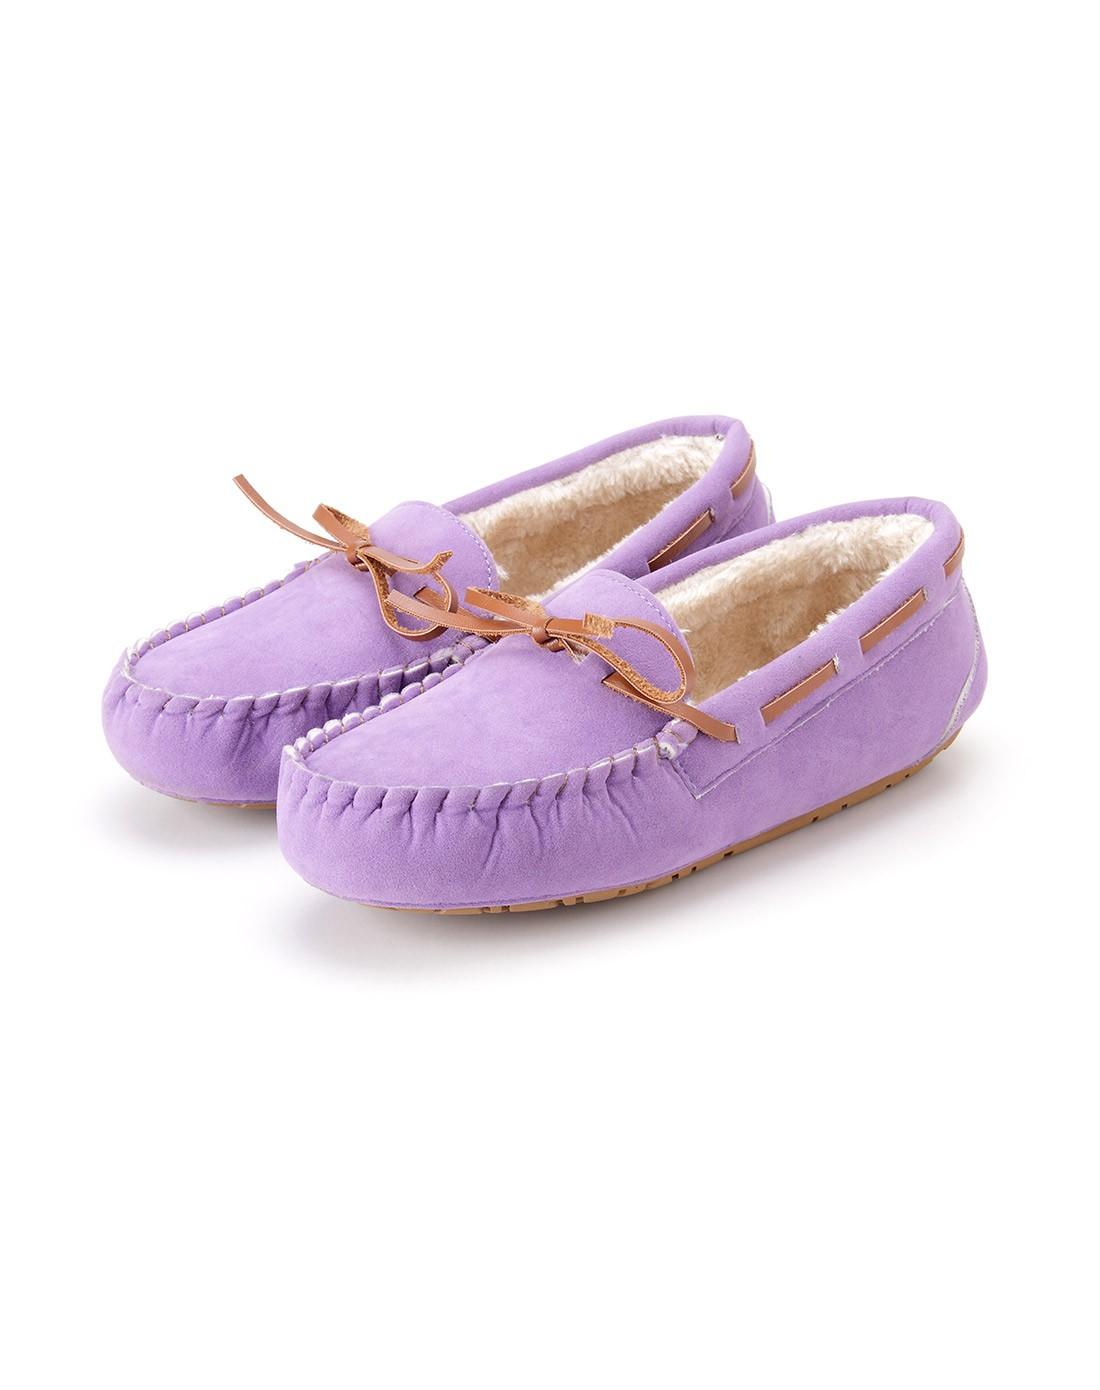 浅紫色蝴蝶结舒适豆豆鞋